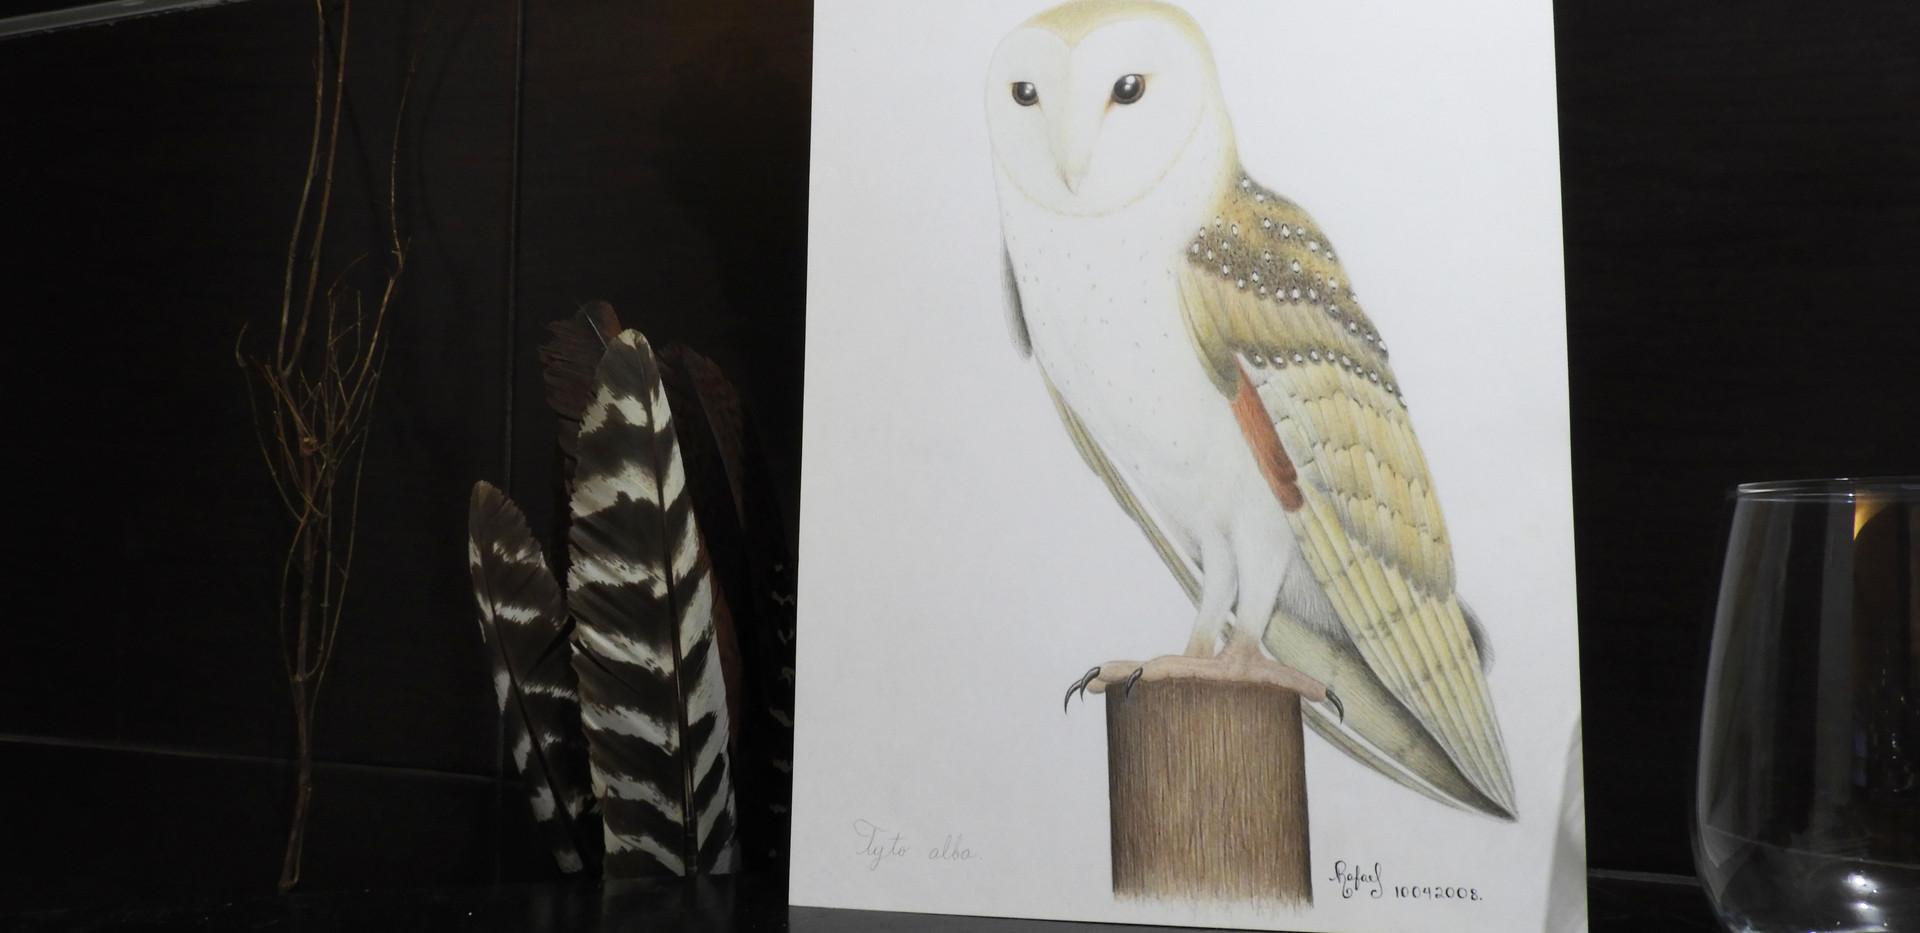 Lechuza de Campanario | Barn Owl